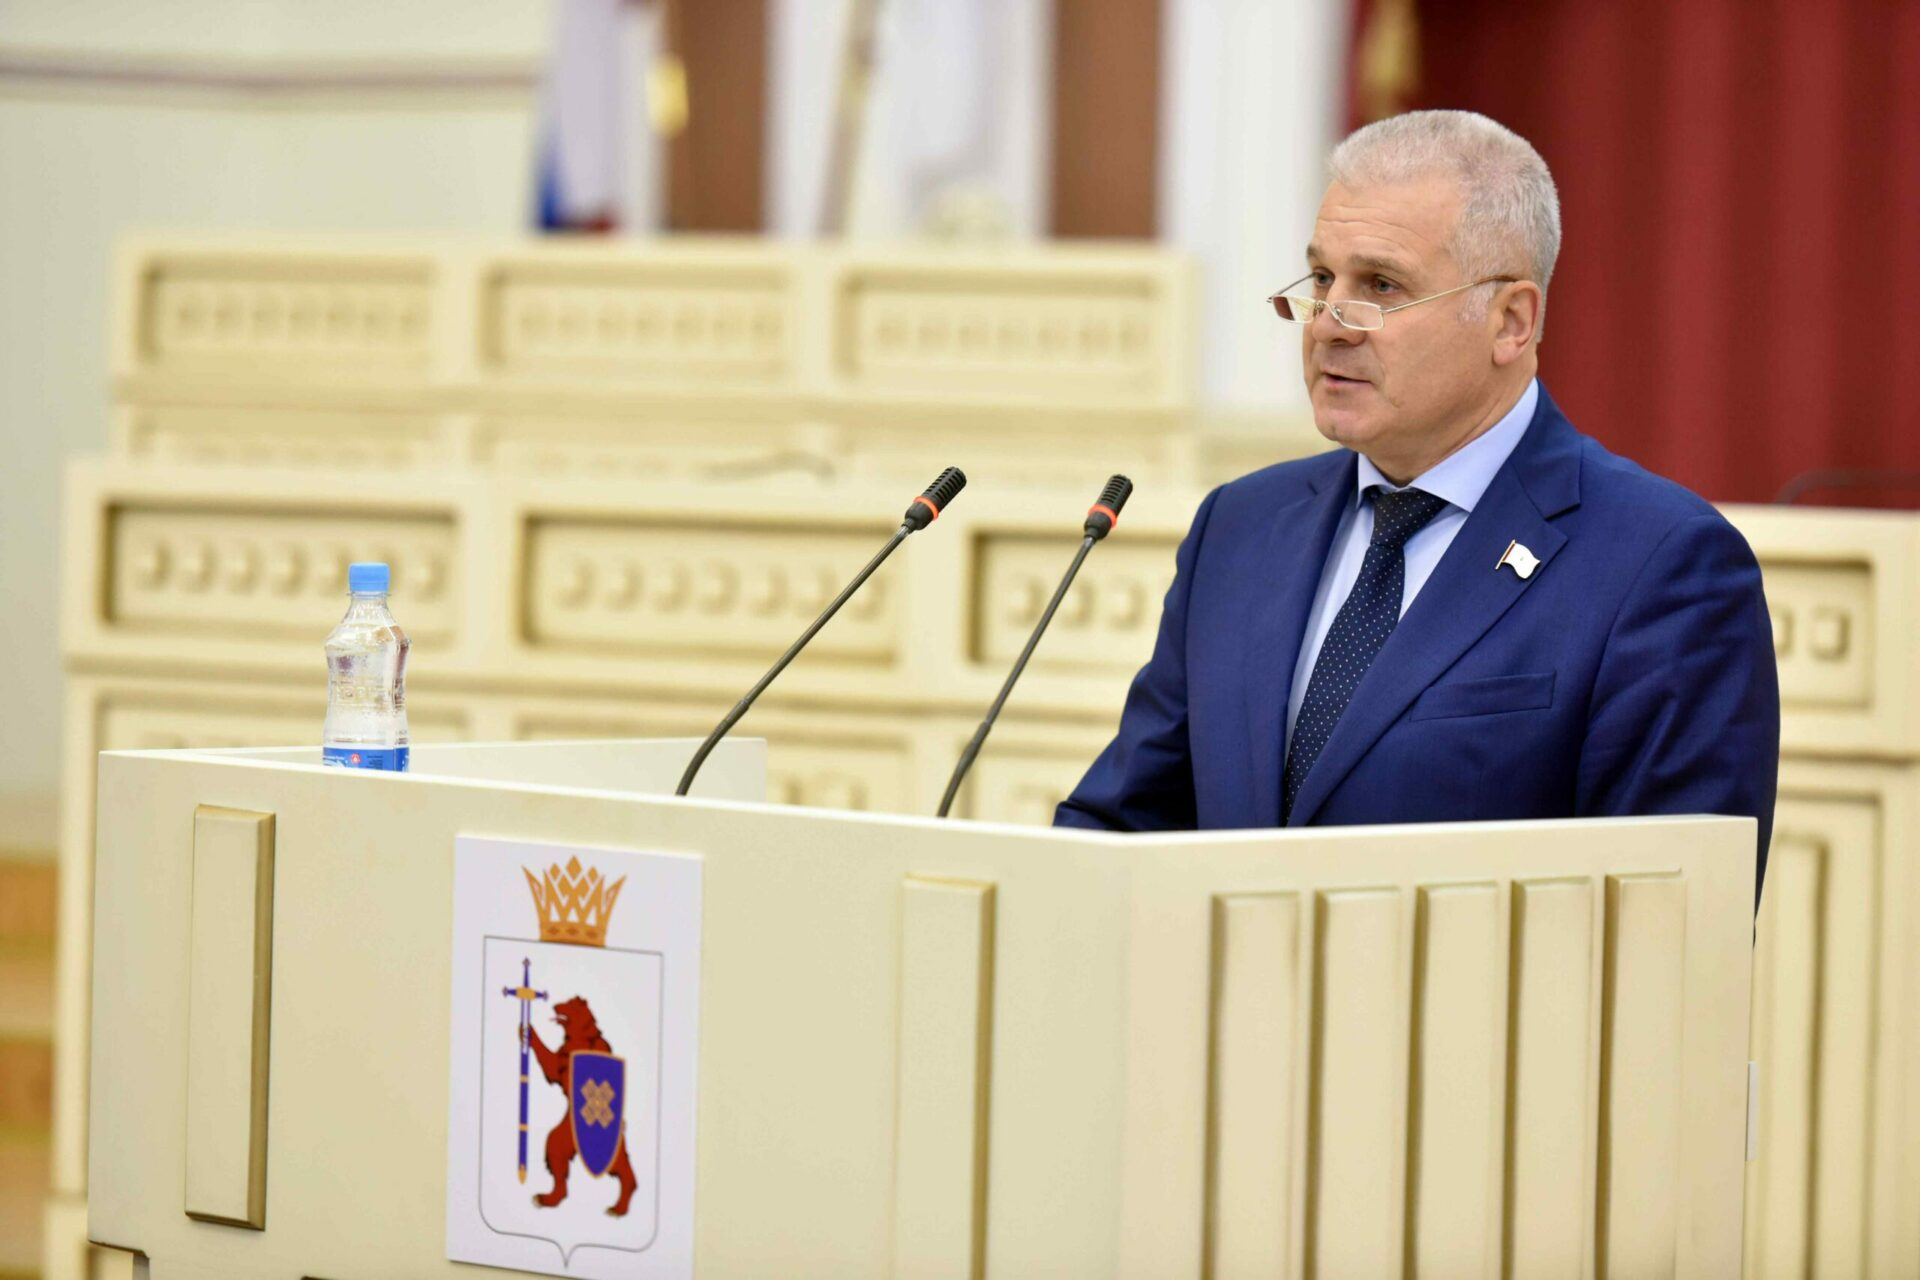 Сенатор от Марий Эл Сергей Мартынов поздравляет с Днём знаний